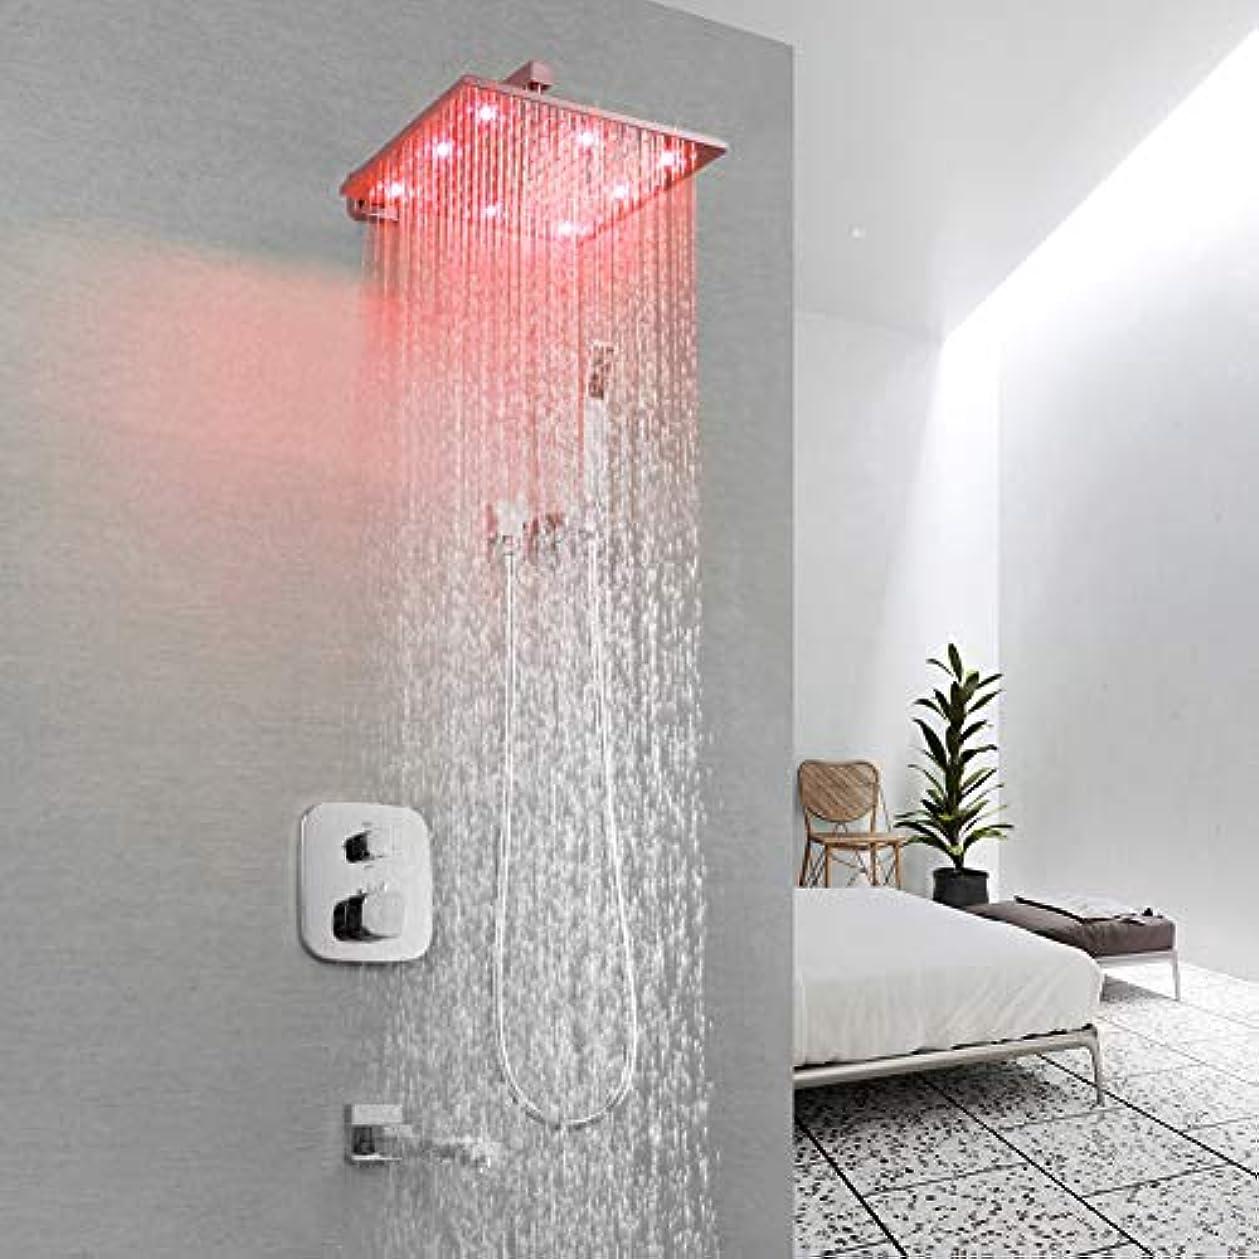 エンターテインメント選ぶ受け入れたLEDシャワーシステム、浴室シャワー蛇口、またはブラシ付きLEDレインシャワーシステムセット組み込みボックスサーモスタットミキサーバルブコントロールシャワーヘッドウェイ (サイズ : 20x20cm)